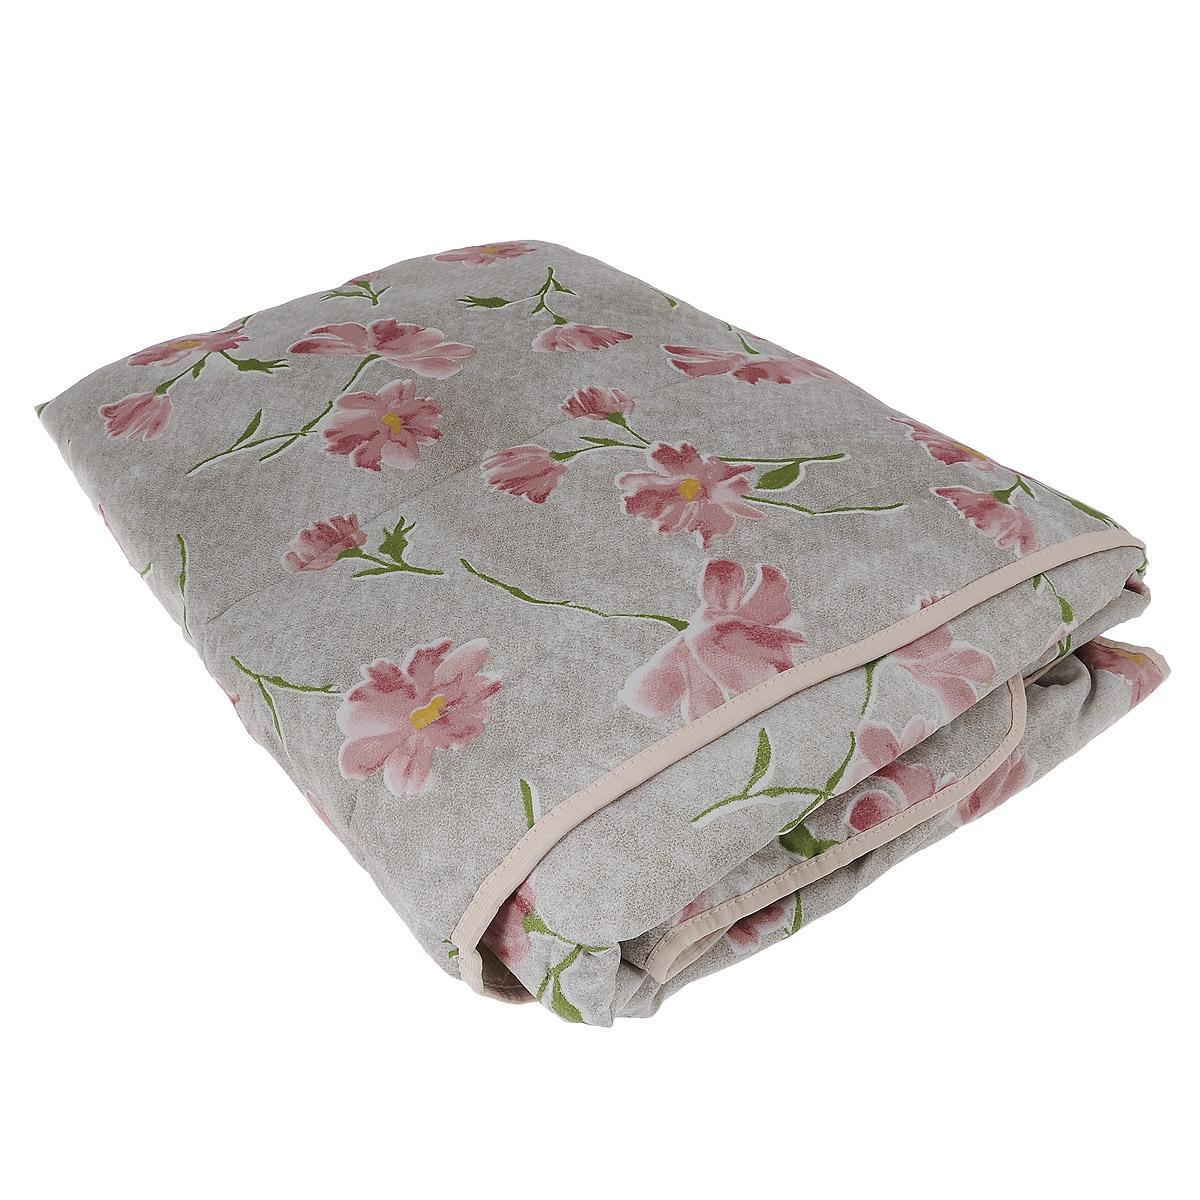 Одеяло летнее OL-Tex Miotex, наполнитель: полиэфирное волокно Holfiteks, цвет: серый, розовый, 172 х 205 смМХПЭ-18-1_серый, макиЛегкое летнее одеяло OL-Tex Miotex создаст комфорт и уют во время сна. Чехол выполнен из полиэстера и оформлен красочным рисунком. Внутри - современный наполнитель из полиэфирного высокосиликонизированного волокна Holfiteks, упругий и качественный. Прекрасно держит тепло. Одеяло с наполнителем Holfiteks легкое и комфортное. Даже после многократных стирок не теряет свою форму, наполнитель не сбивается, так как одеяло простегано и окантовано. Не вызывает аллергии. Holfiteks - это возможность легко ухаживать за своими постельными принадлежностями. Можно стирать в машинке, изделия быстро и полностью высыхают - это обеспечивает гигиену спального места при невысокой цене на продукцию. Плотность: 100 г/м2.